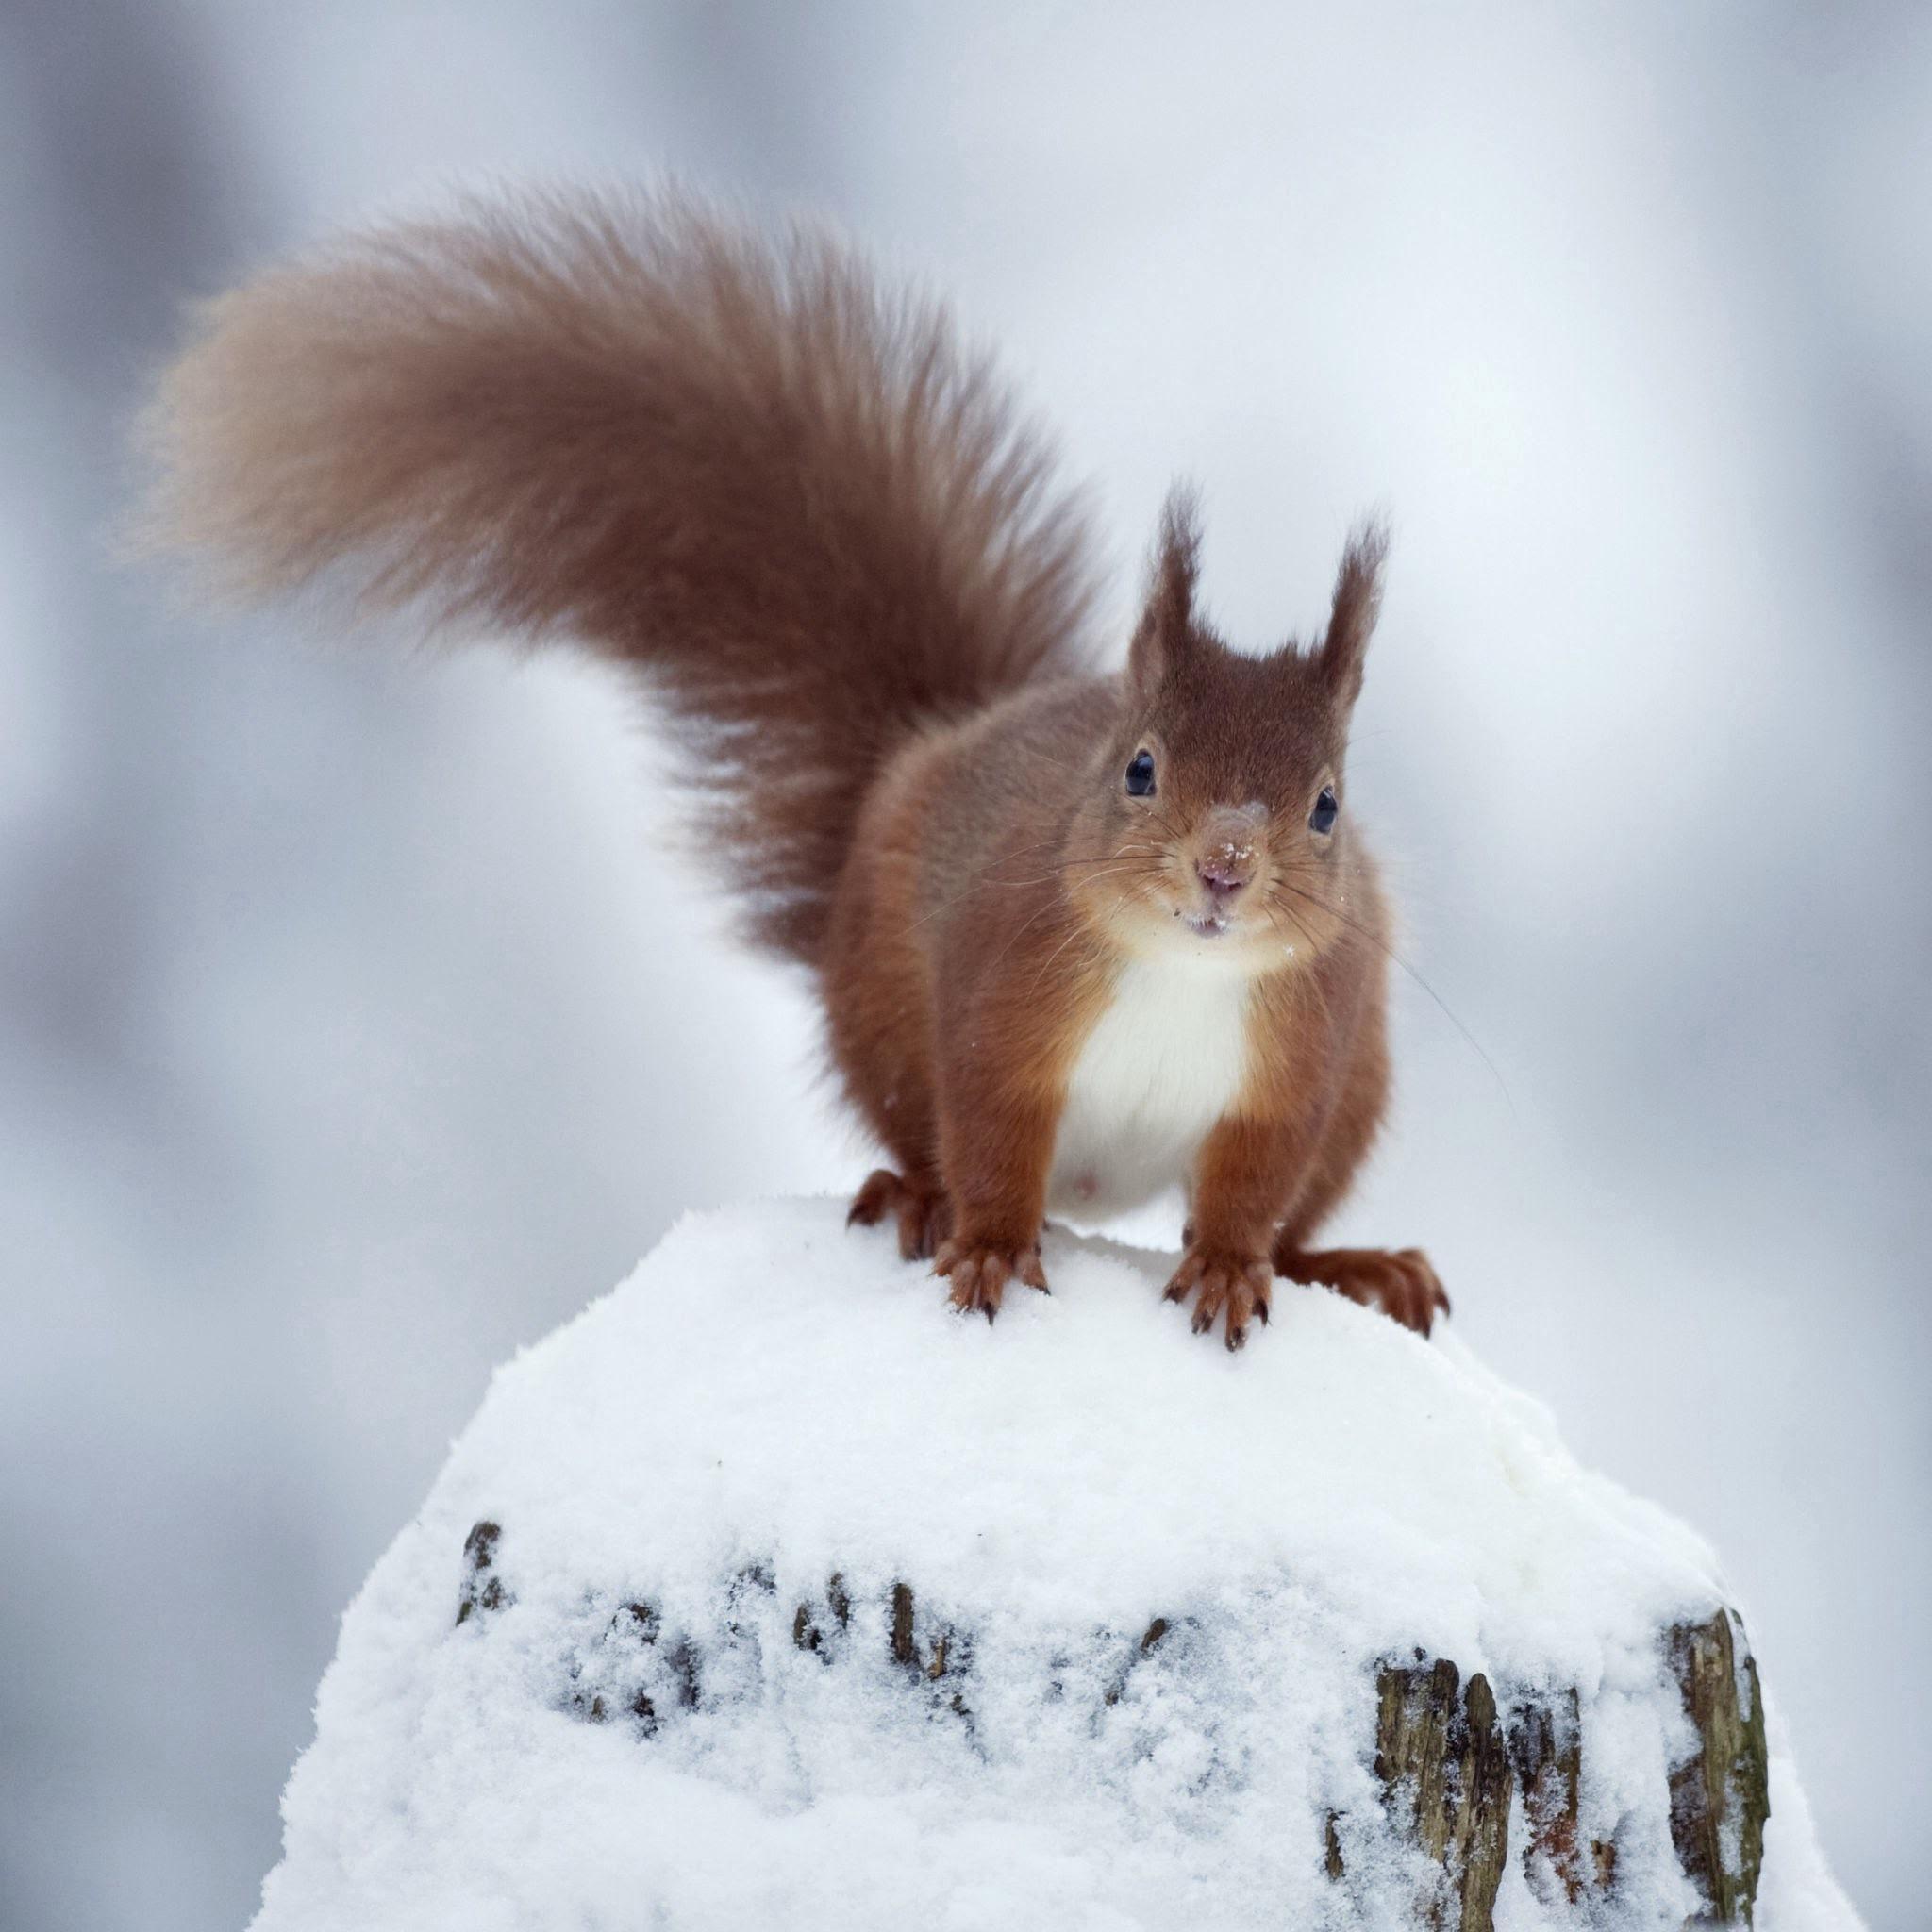 动物 松鼠 雪地 可爱